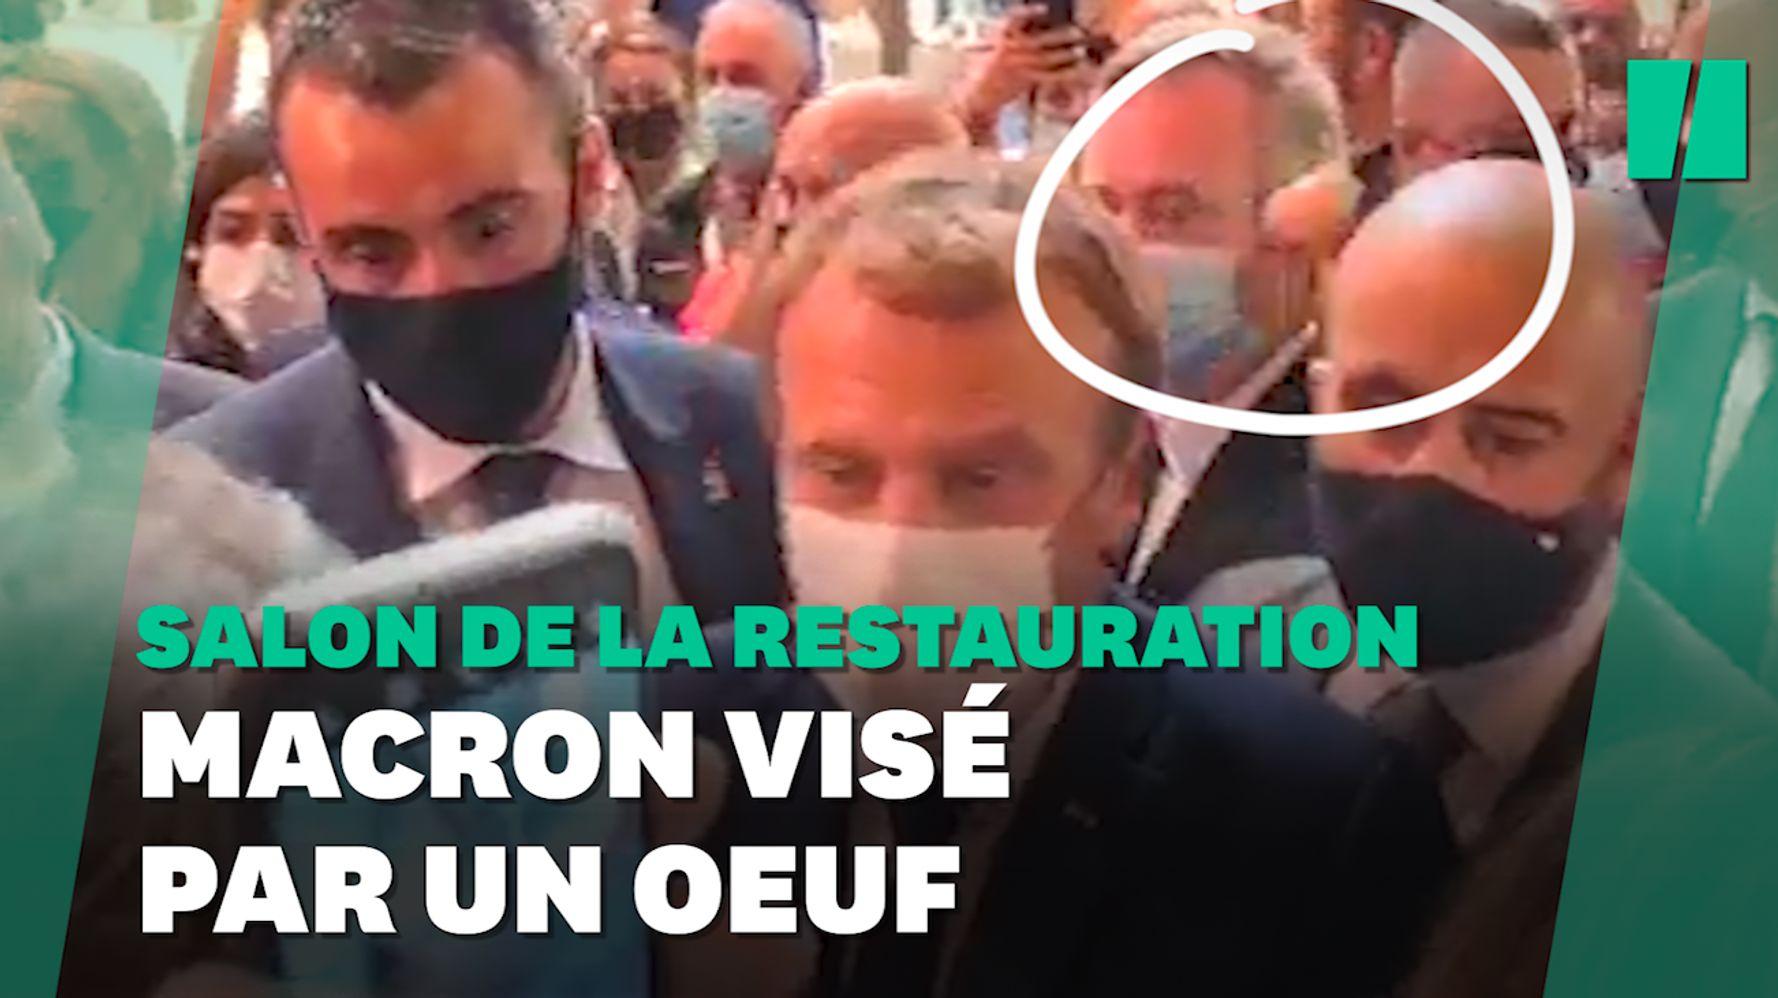 À Lyon, Macron visé par un jet d'œuf lors d'un salon de la restauration